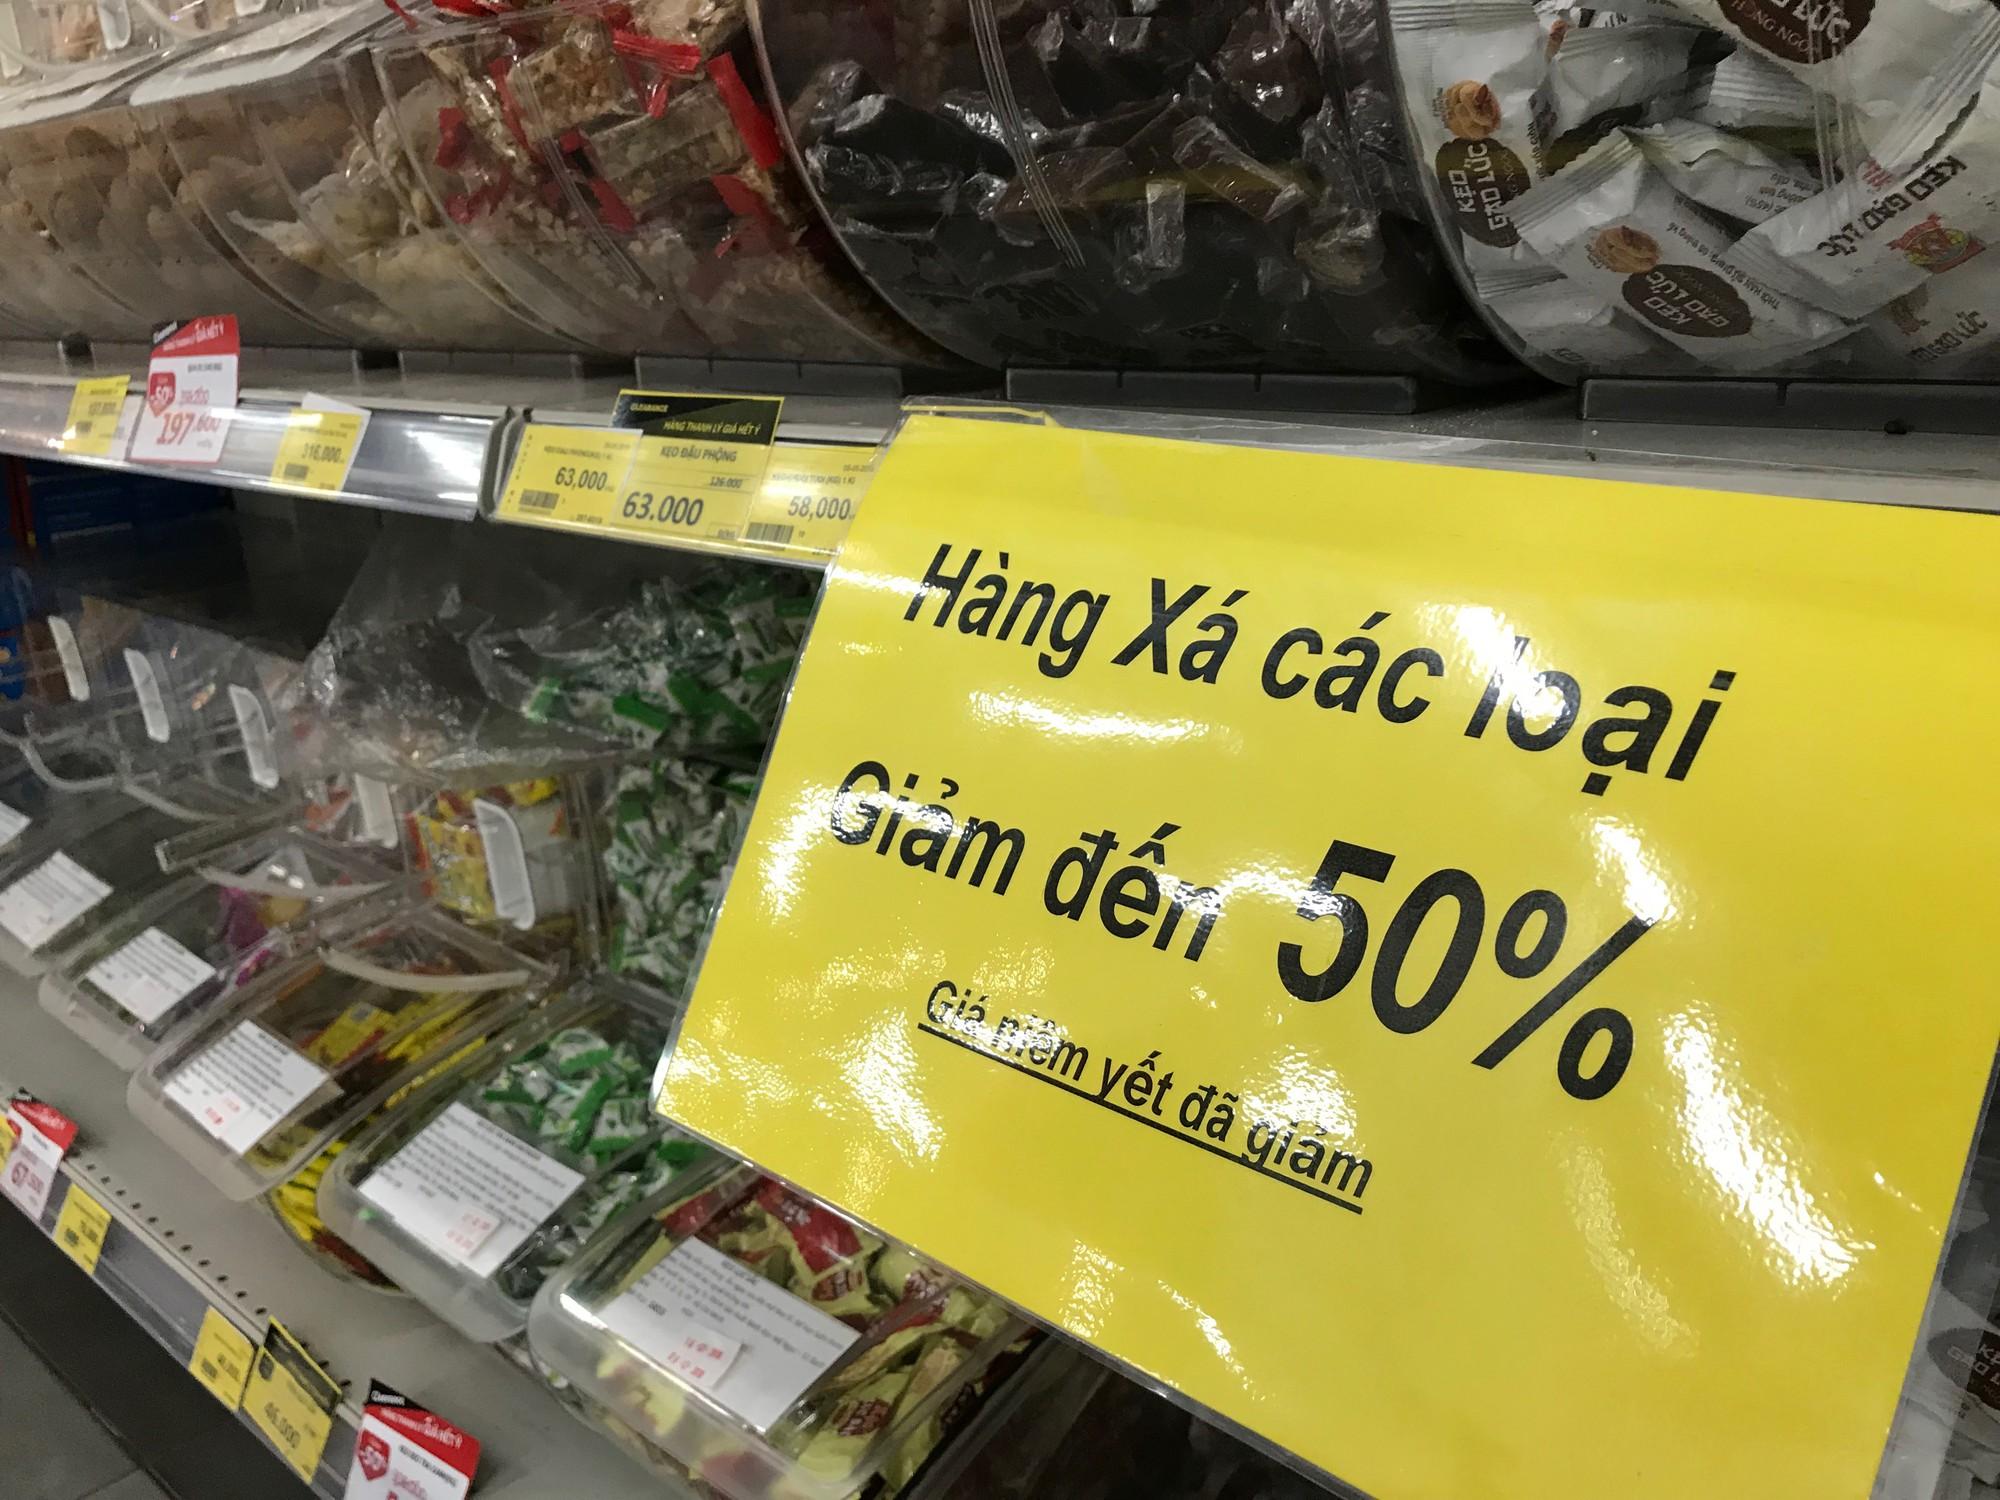 Siêu thị Auchan vắng vẻ sau tuyên bố rút khỏi Việt Nam, gấp rút xả hàng để đóng cửa đầu tháng 6 tới  - Ảnh 4.